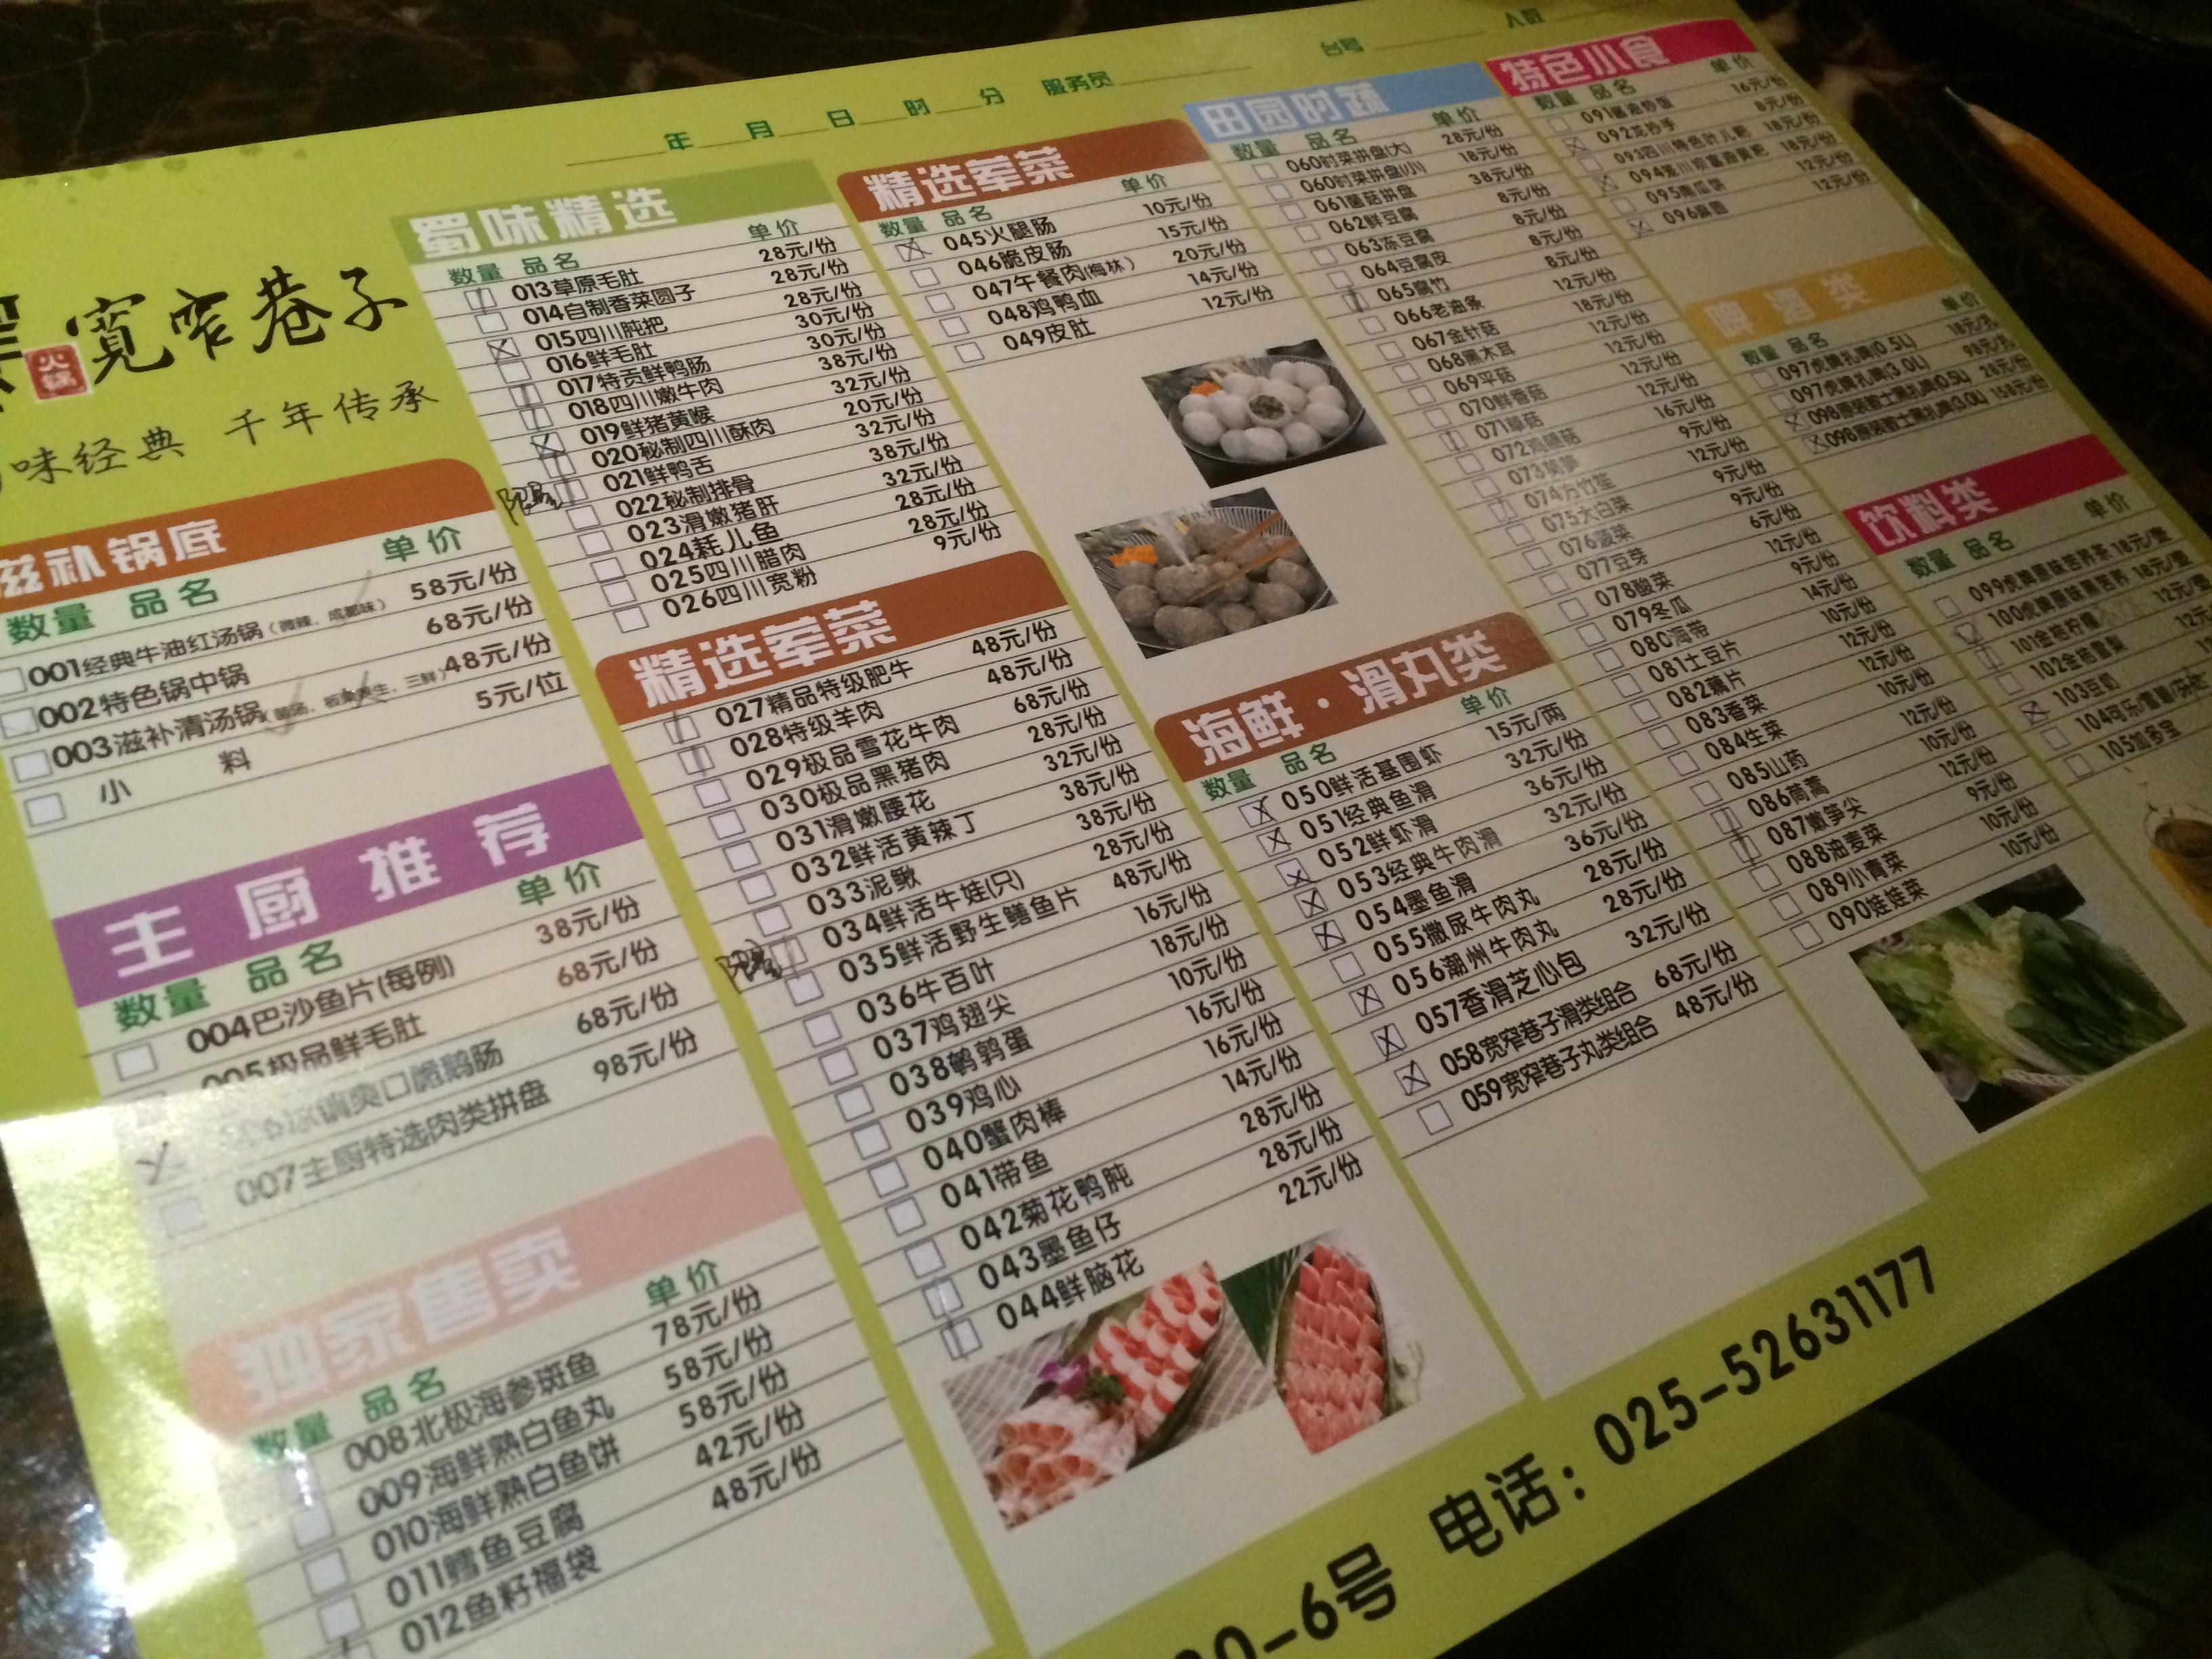 品味南京宽窄巷子火锅风情